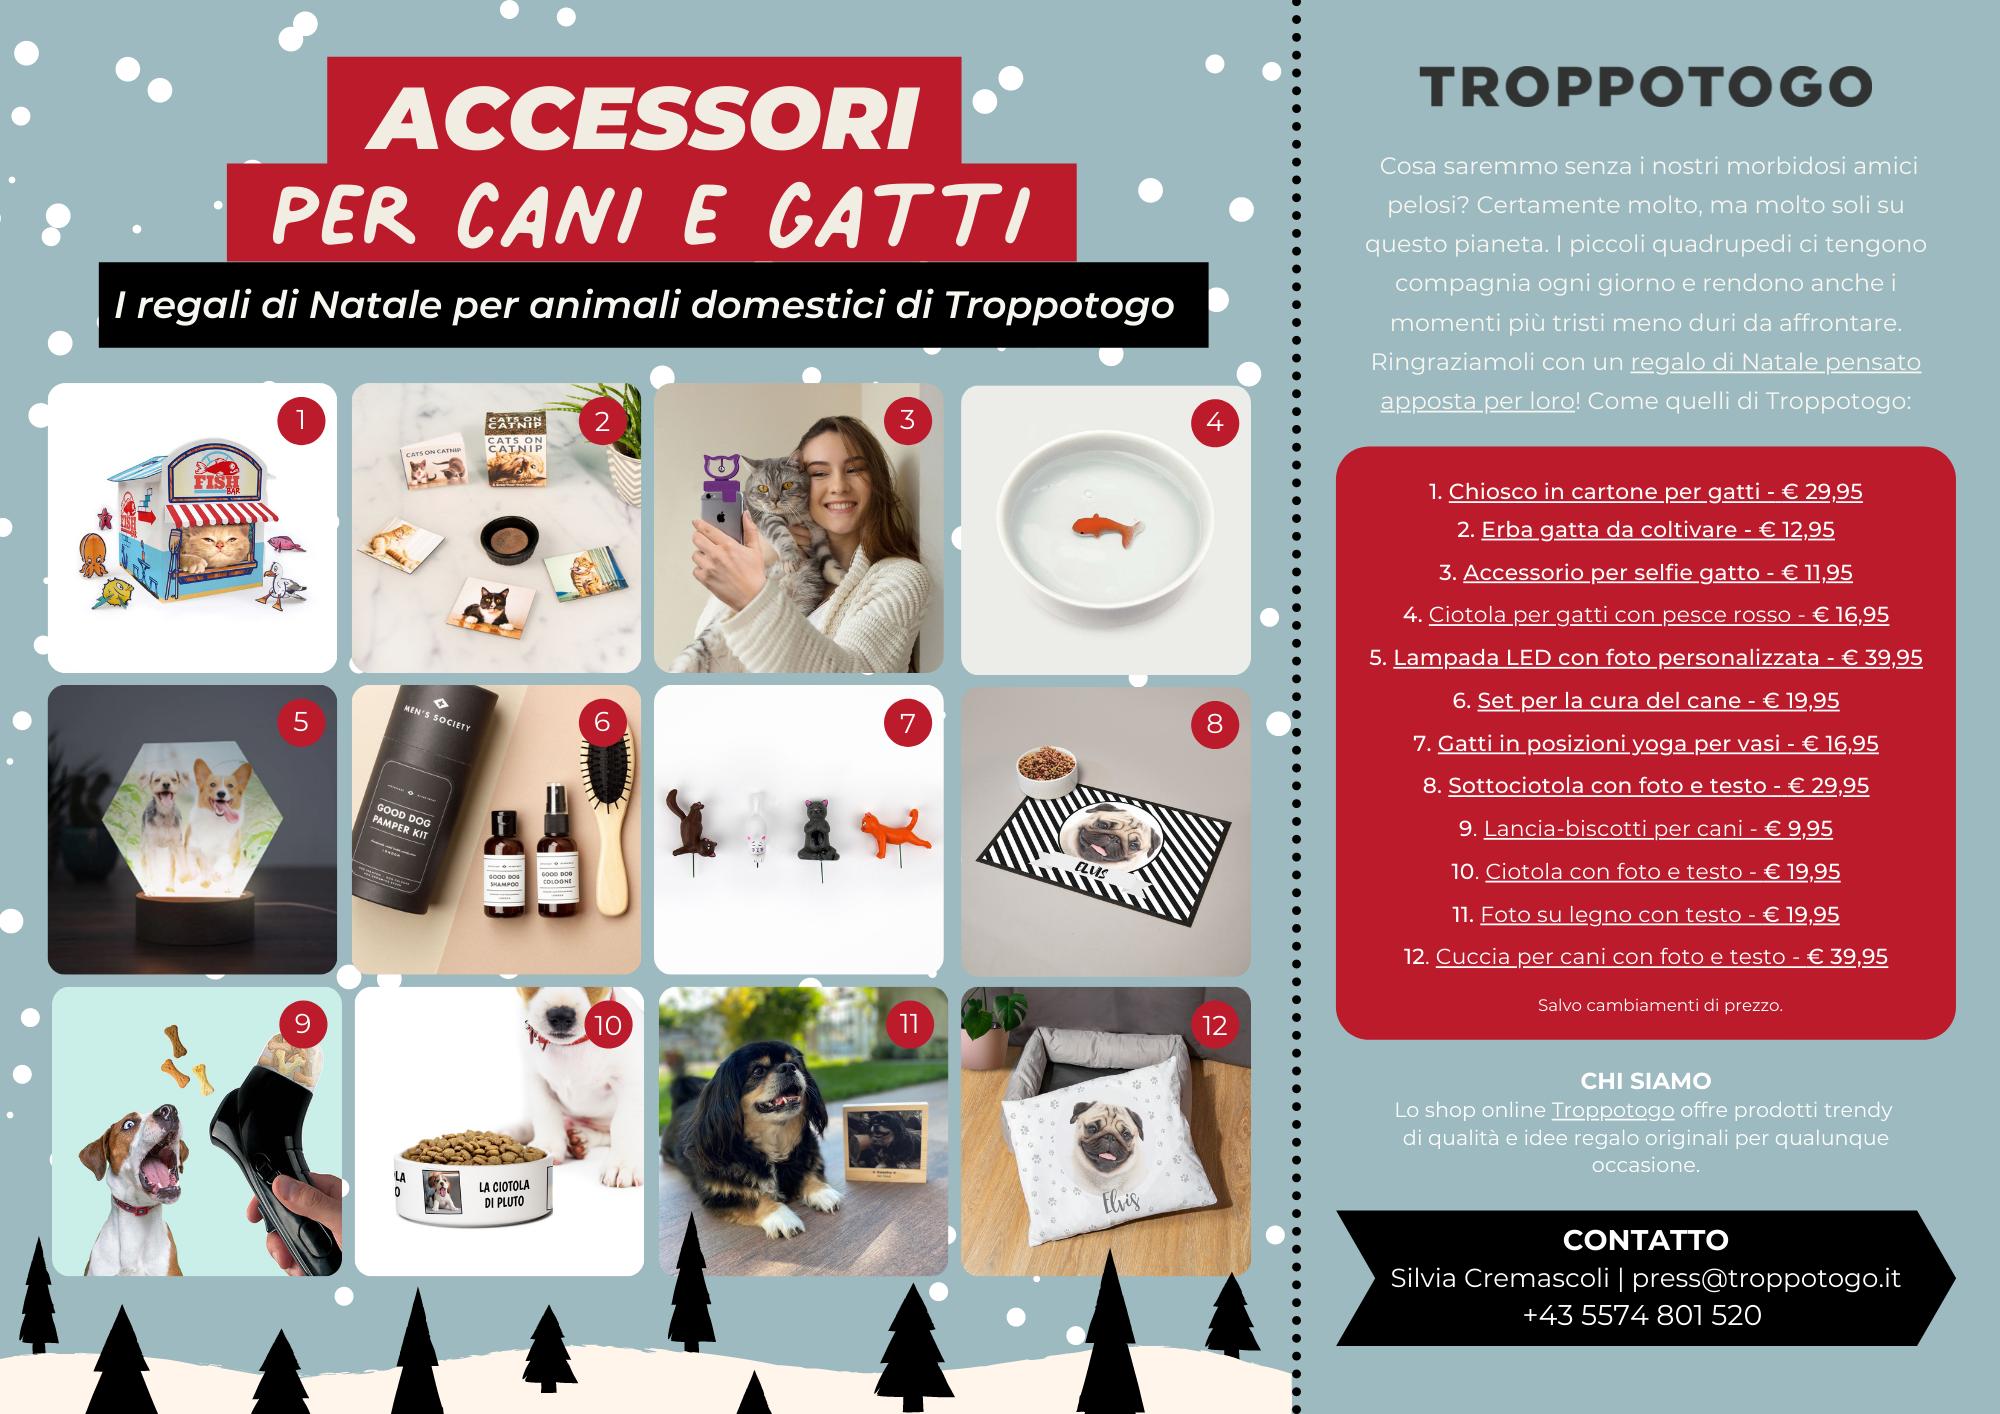 Comunicato Stampa Troppotogo - 12 regali di Natale per i tuoi animali domestici